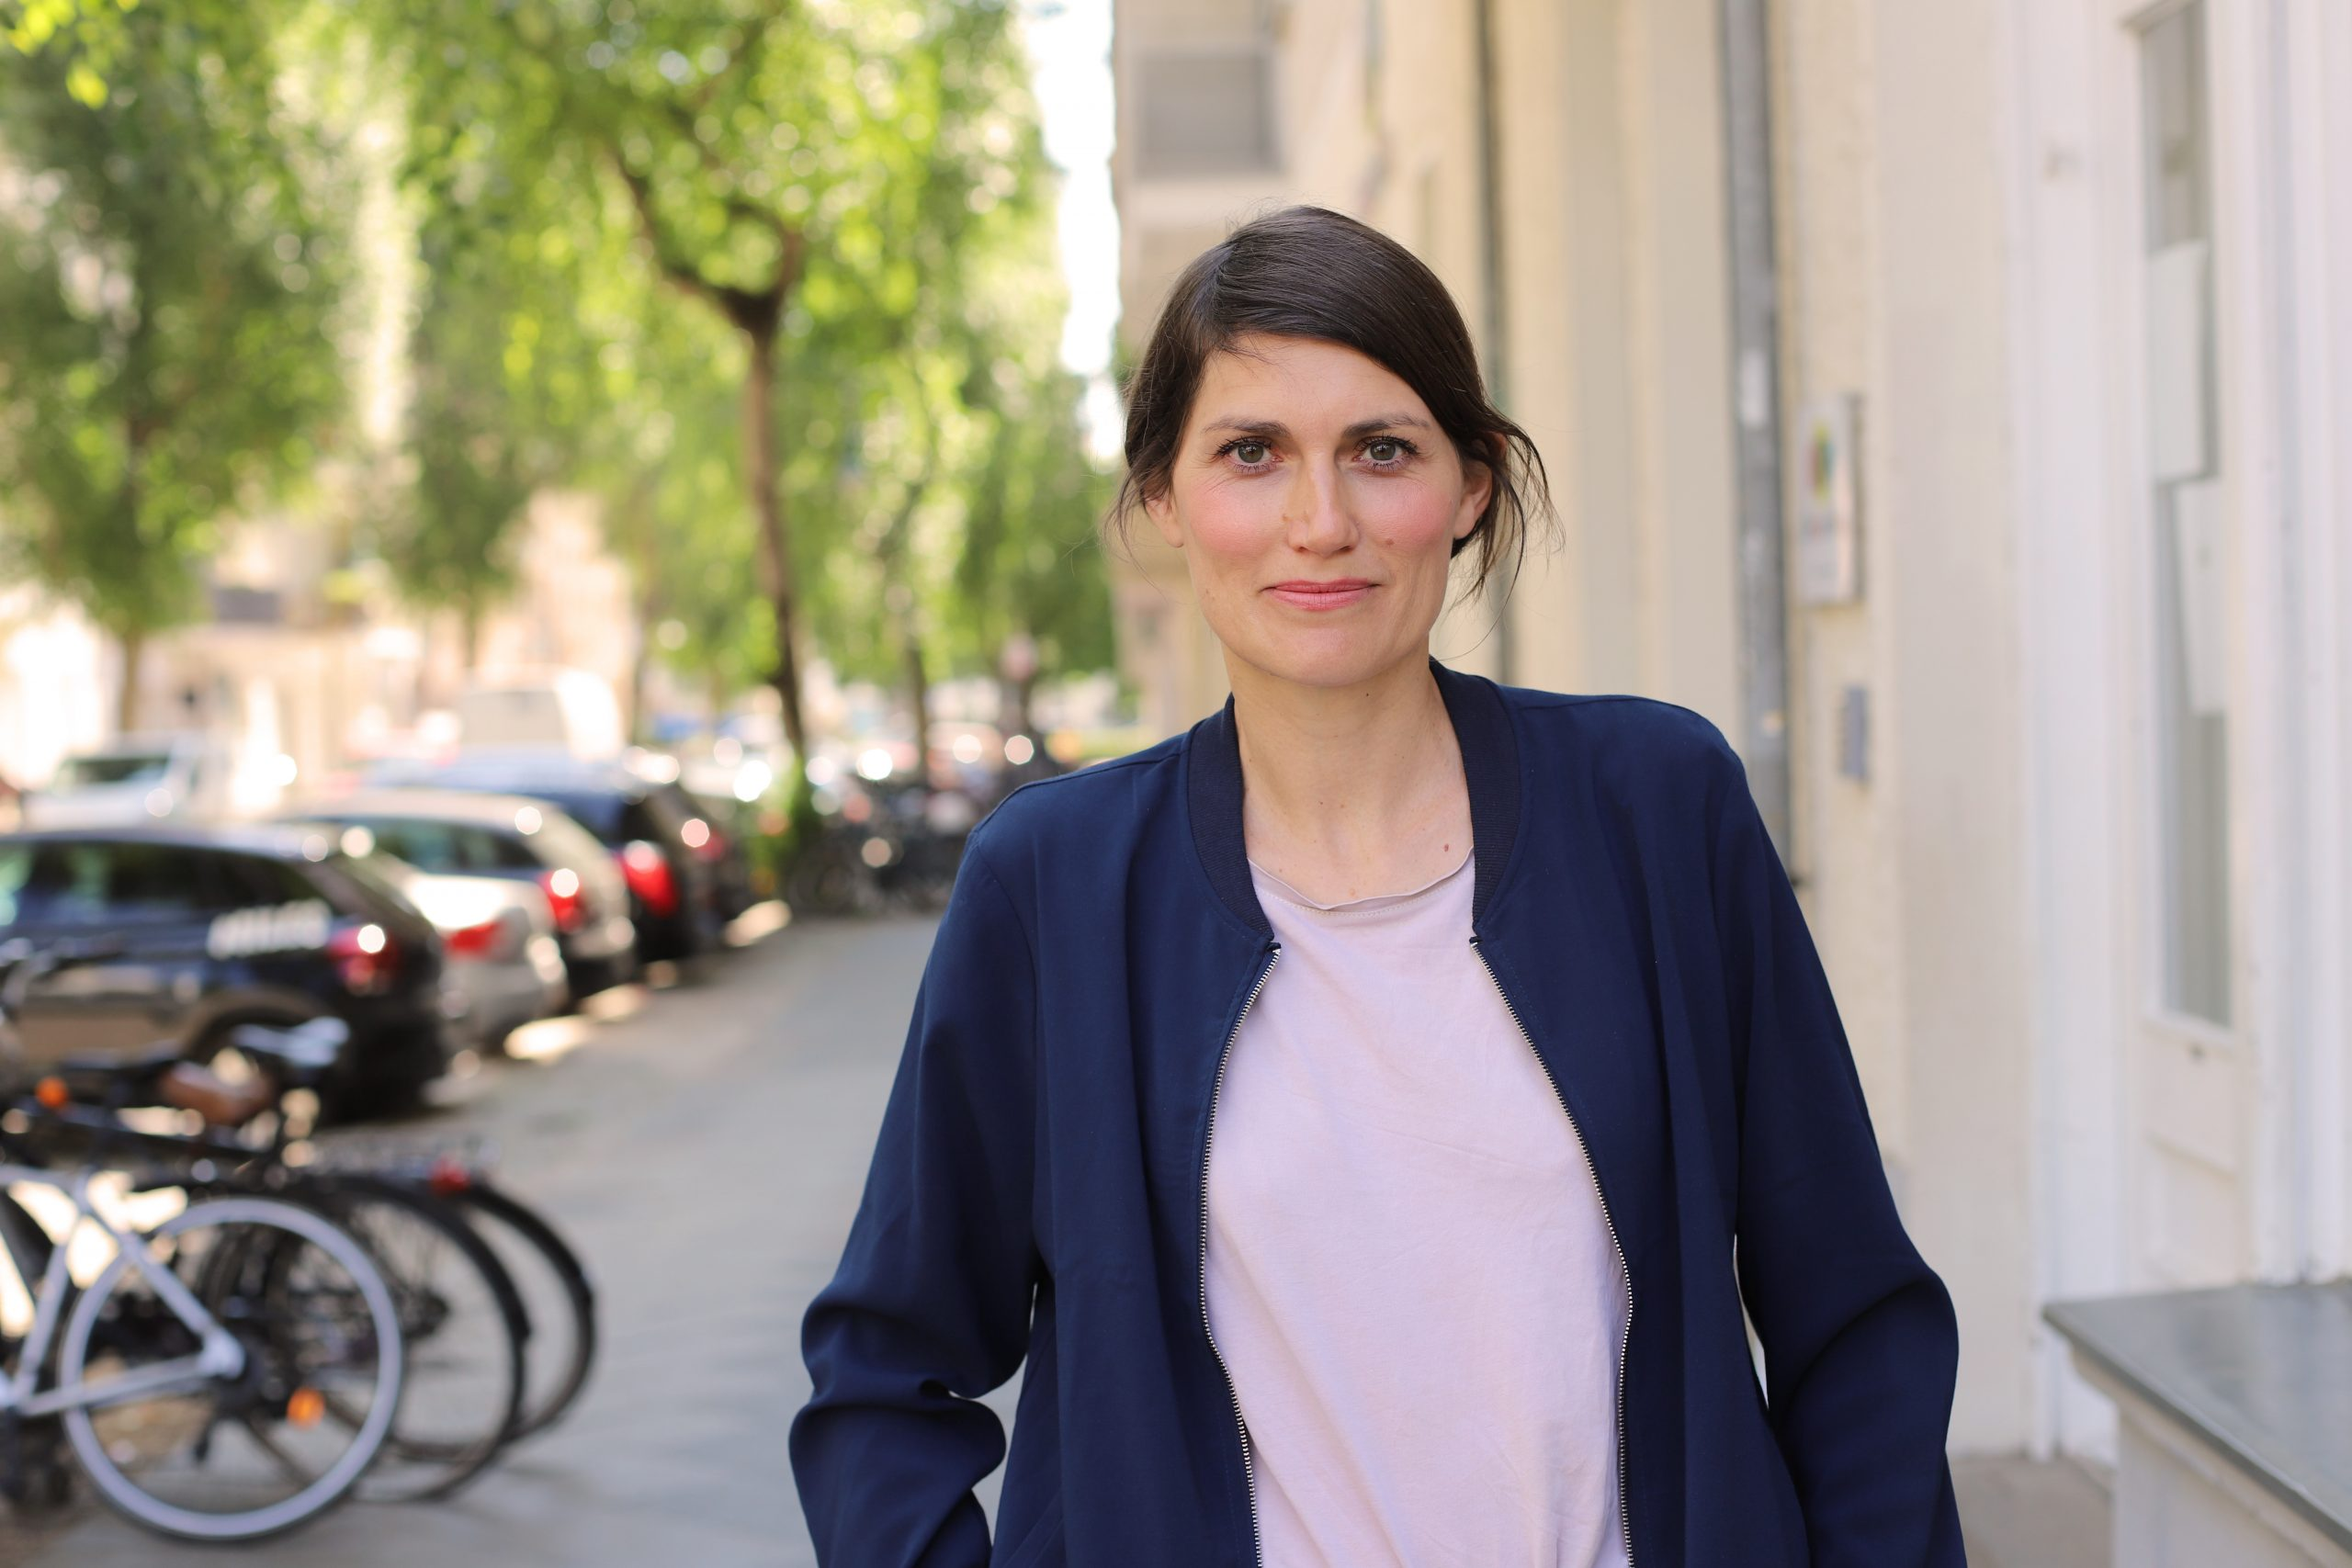 Auf dem Foto ist Lisa Seelig zu sehen, im Hintergrund ein Straßenzug.